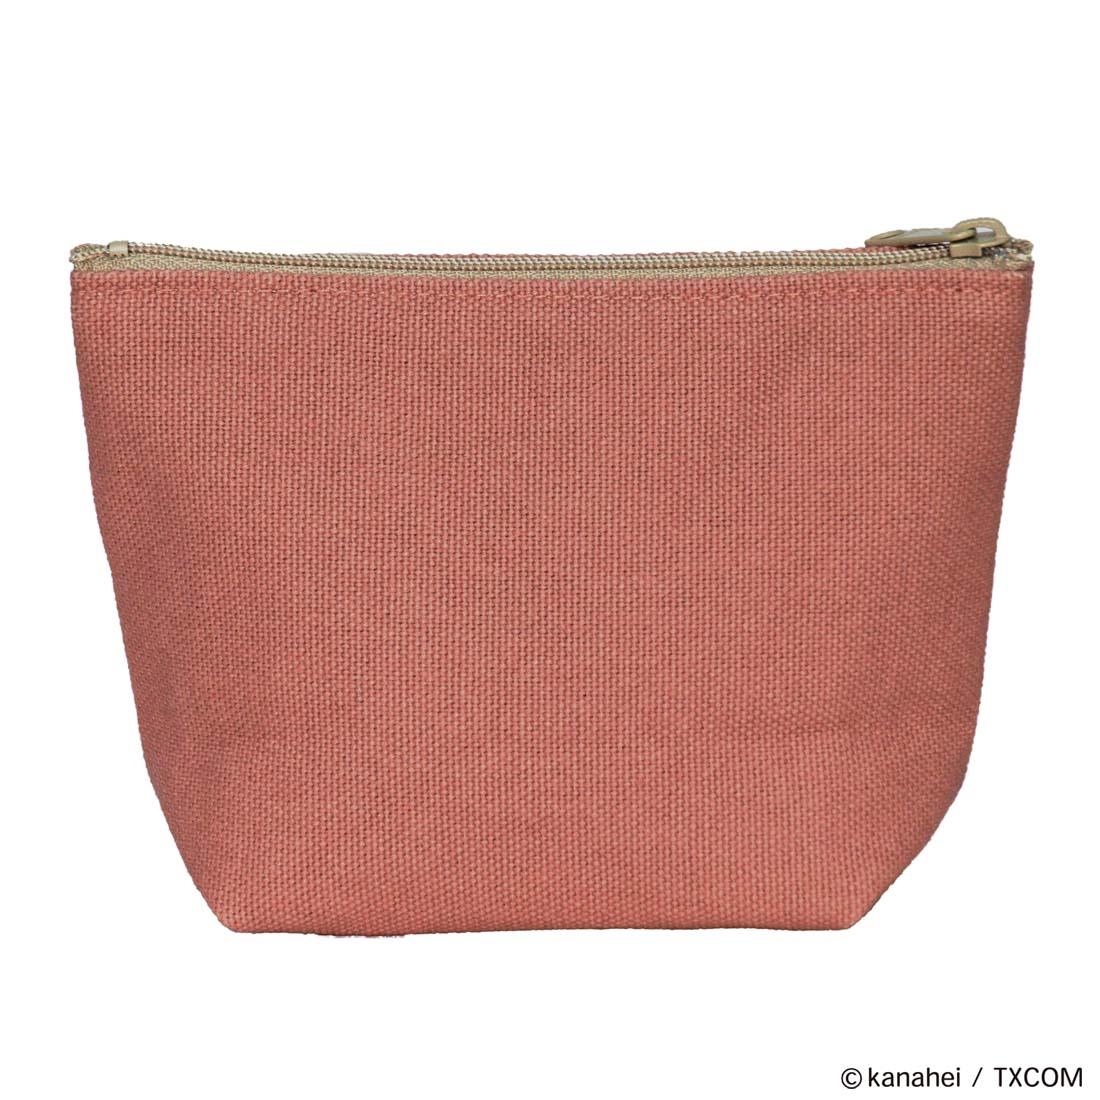 ピスケとうさぎ 相良(サガラ)刺繍ワッペン付き倉敷帆布ポーチ コーラルピンク